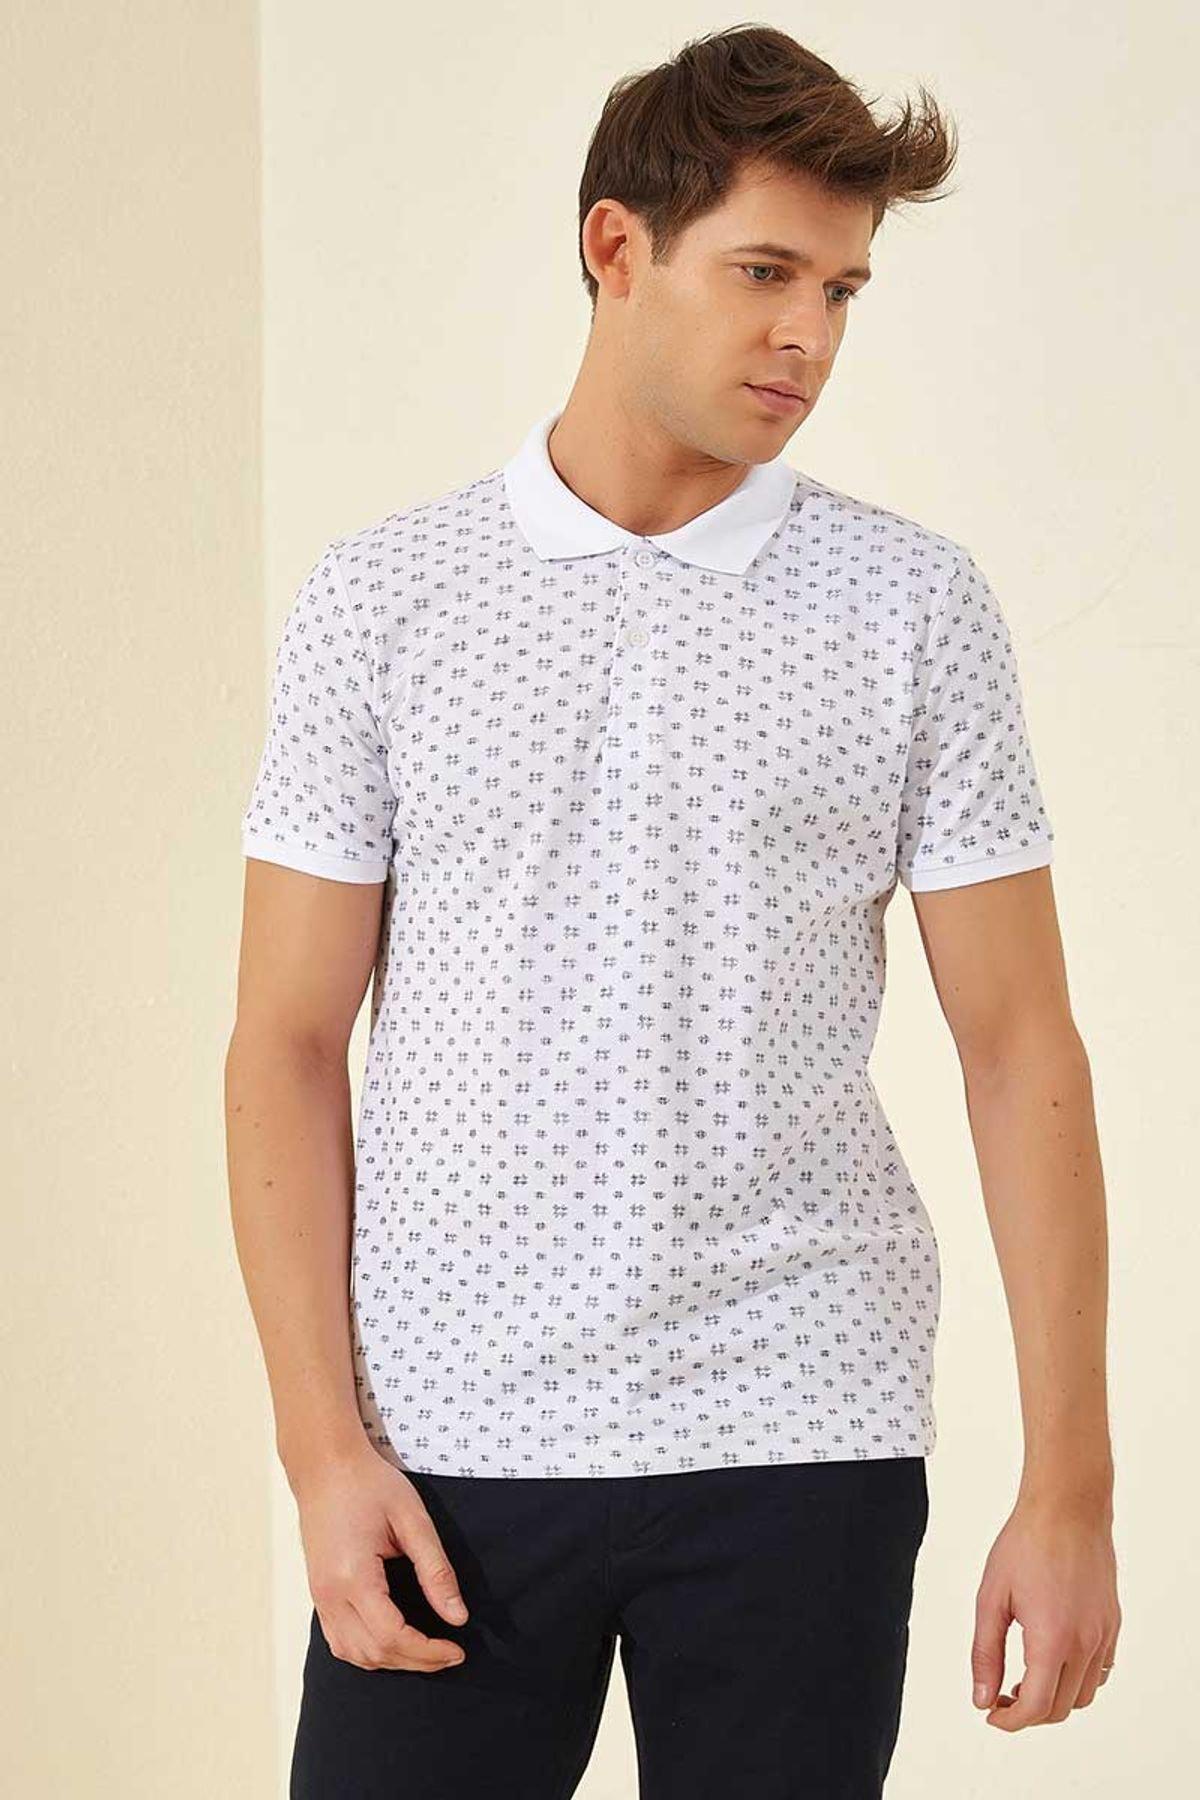 Tommy Life Klasik Desenli Polo Yaka Beyaz-Lacivert Erkek Tshirt T08ER-87795_1 1